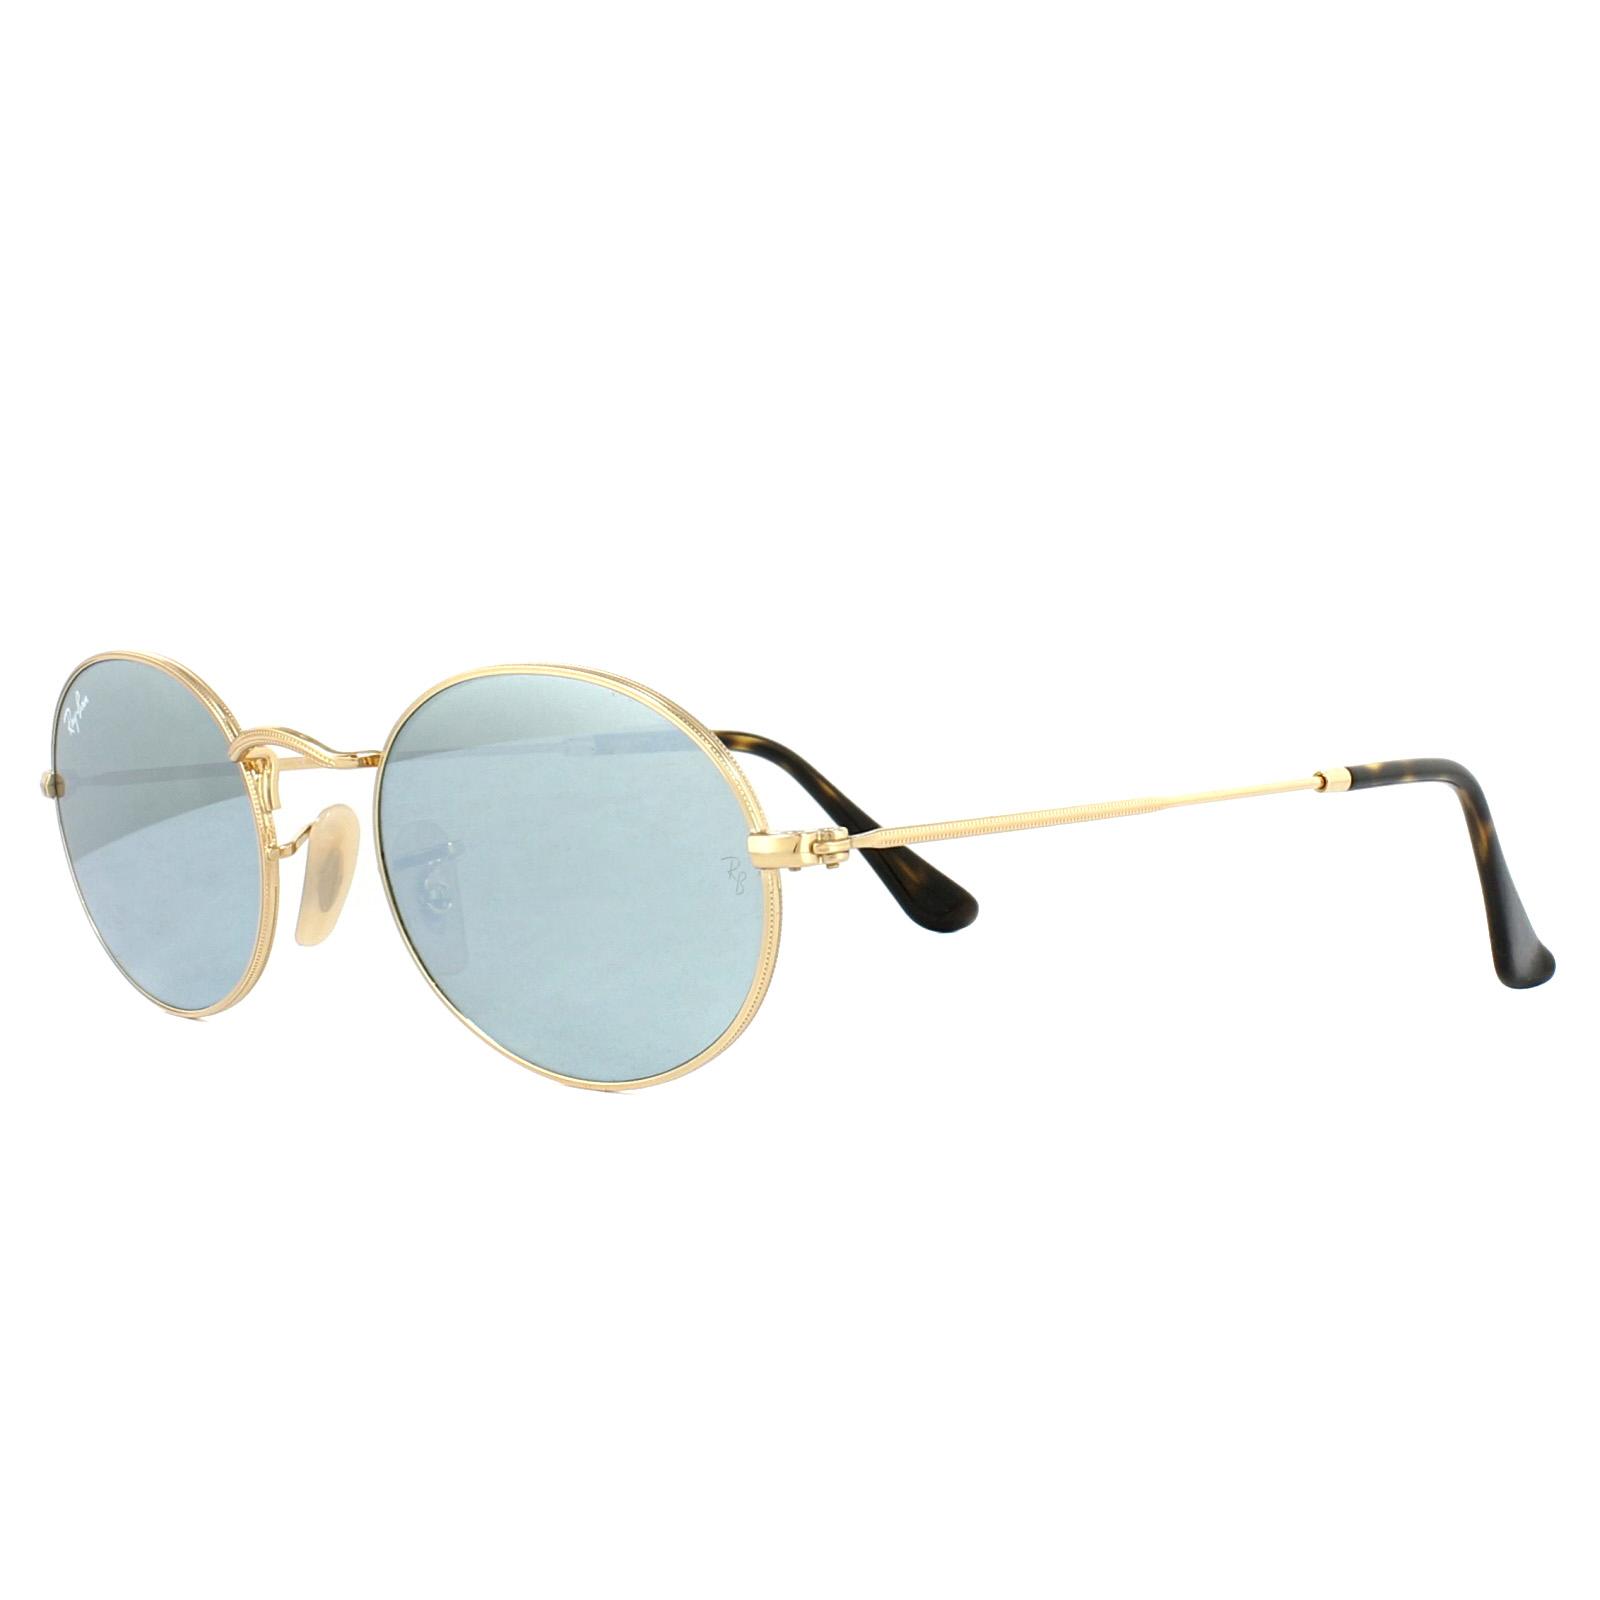 b56d839198420 SENTINEL Ray-Ban occhiali da sole ovale 3547N 30 01 00 oro argento specchio